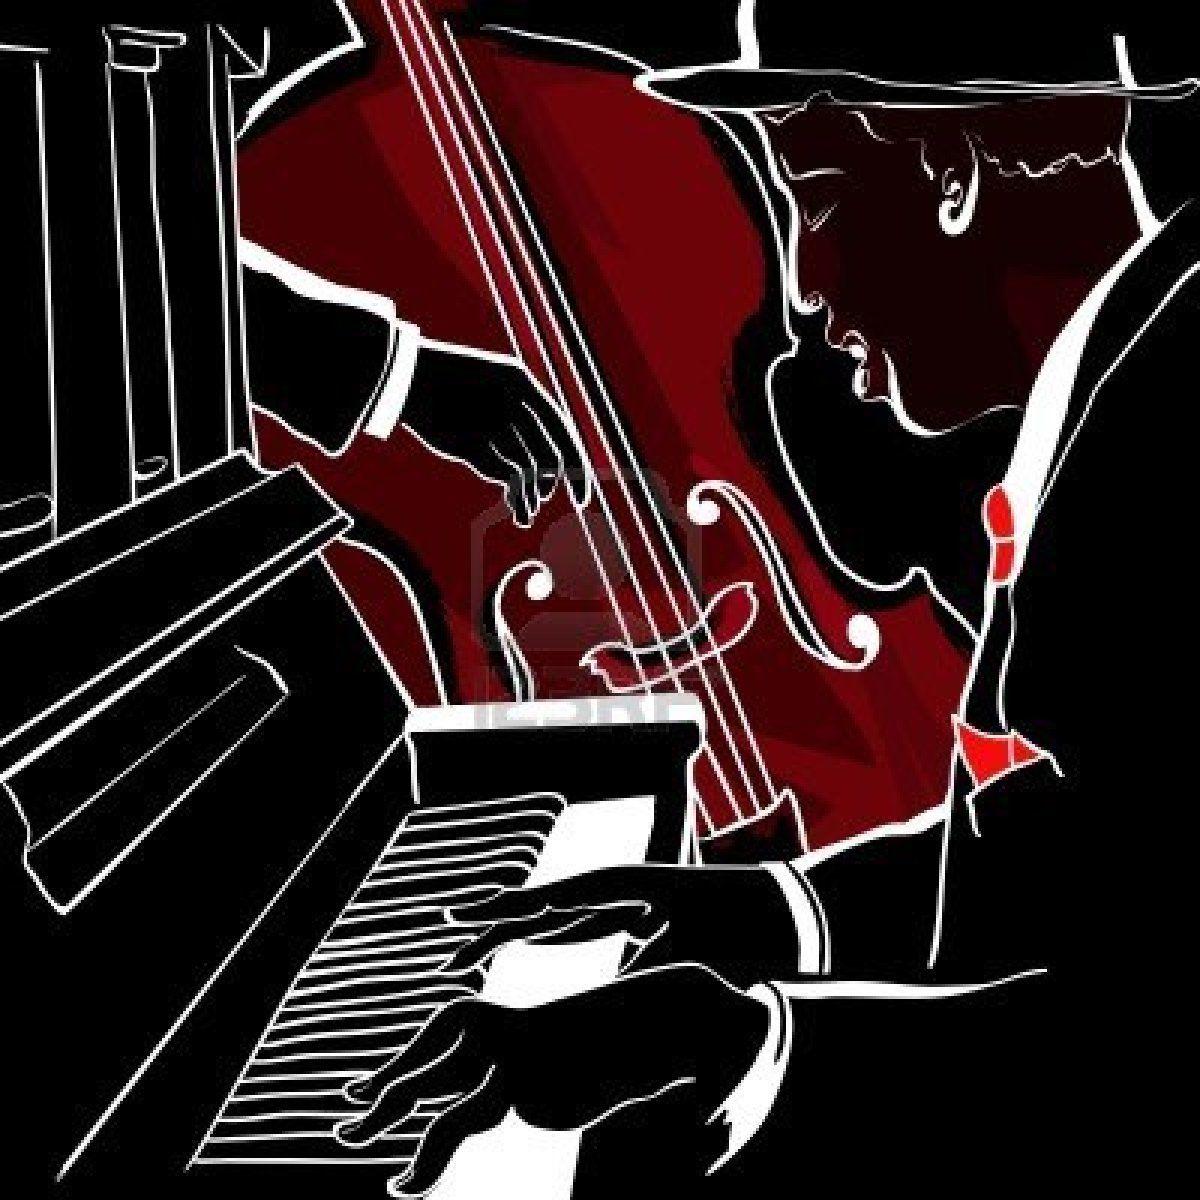 James baldwins sonnys blues